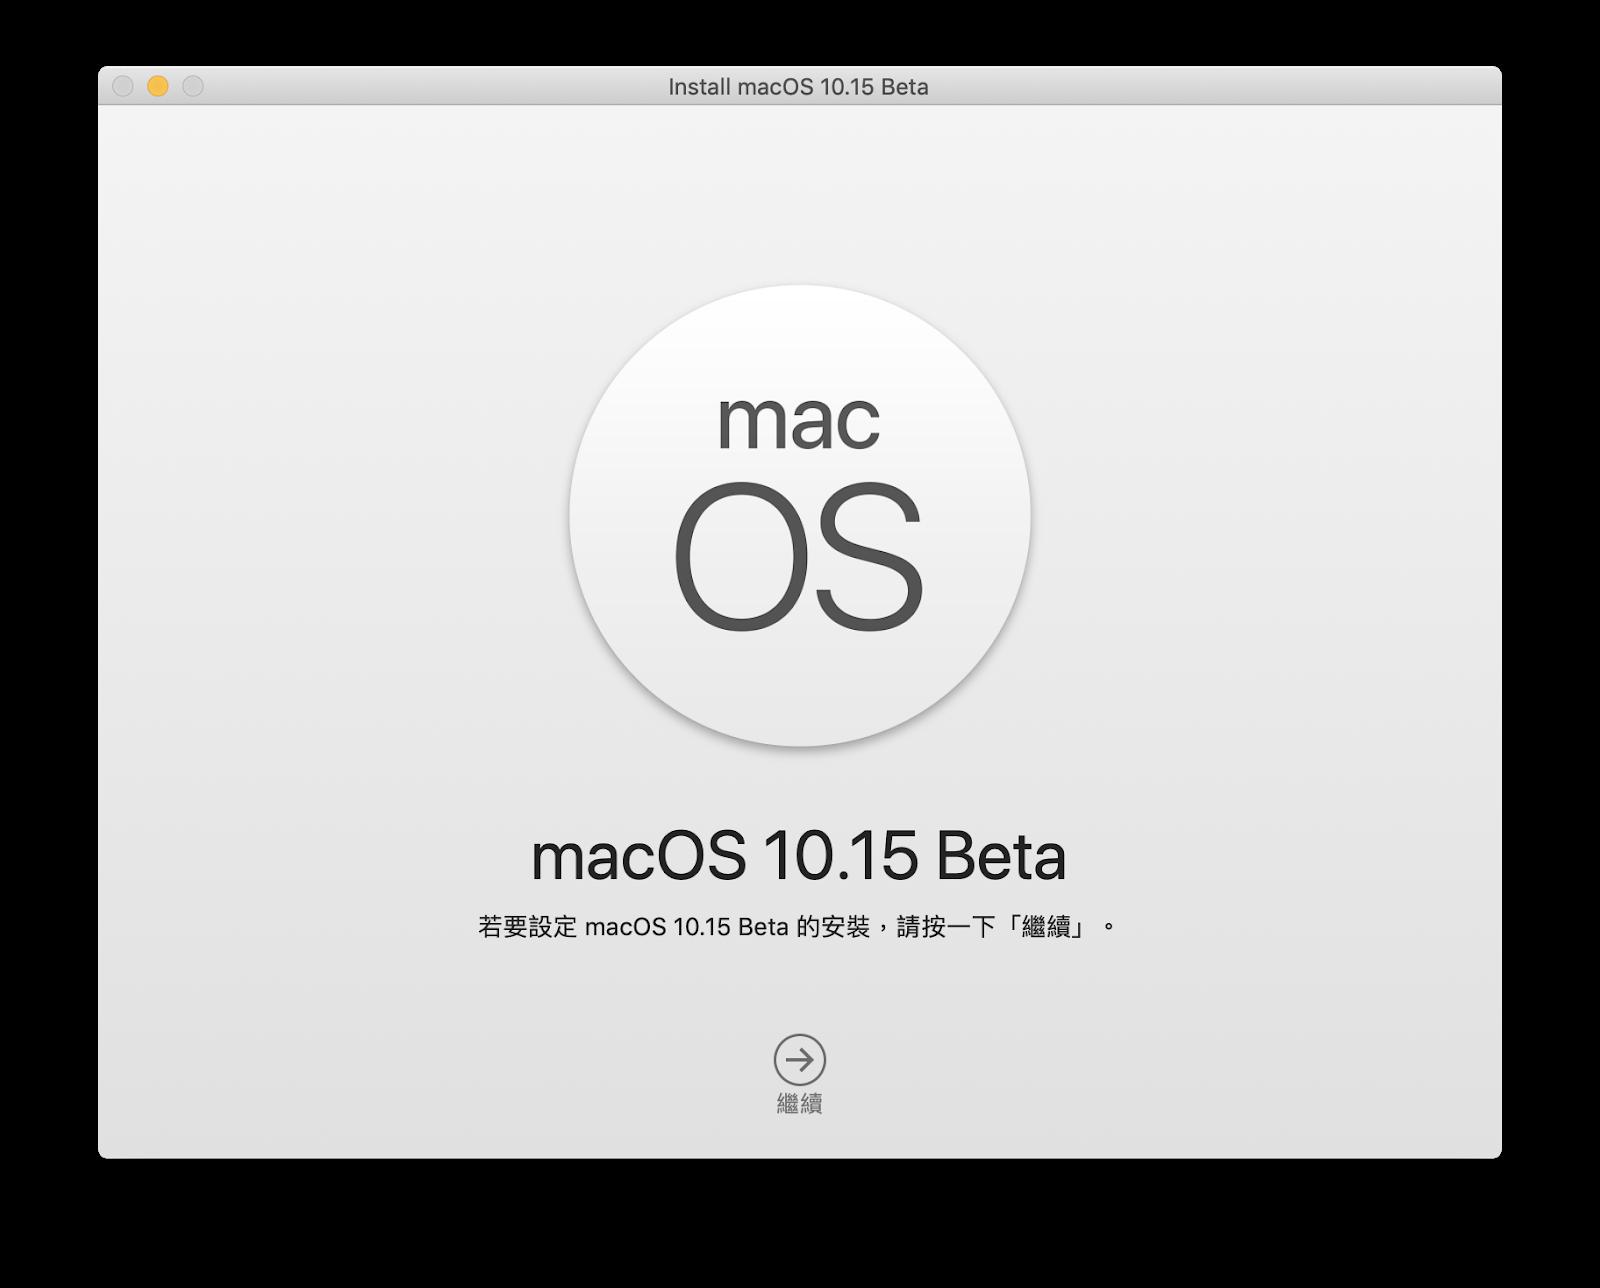 macOS 10.15 Beta